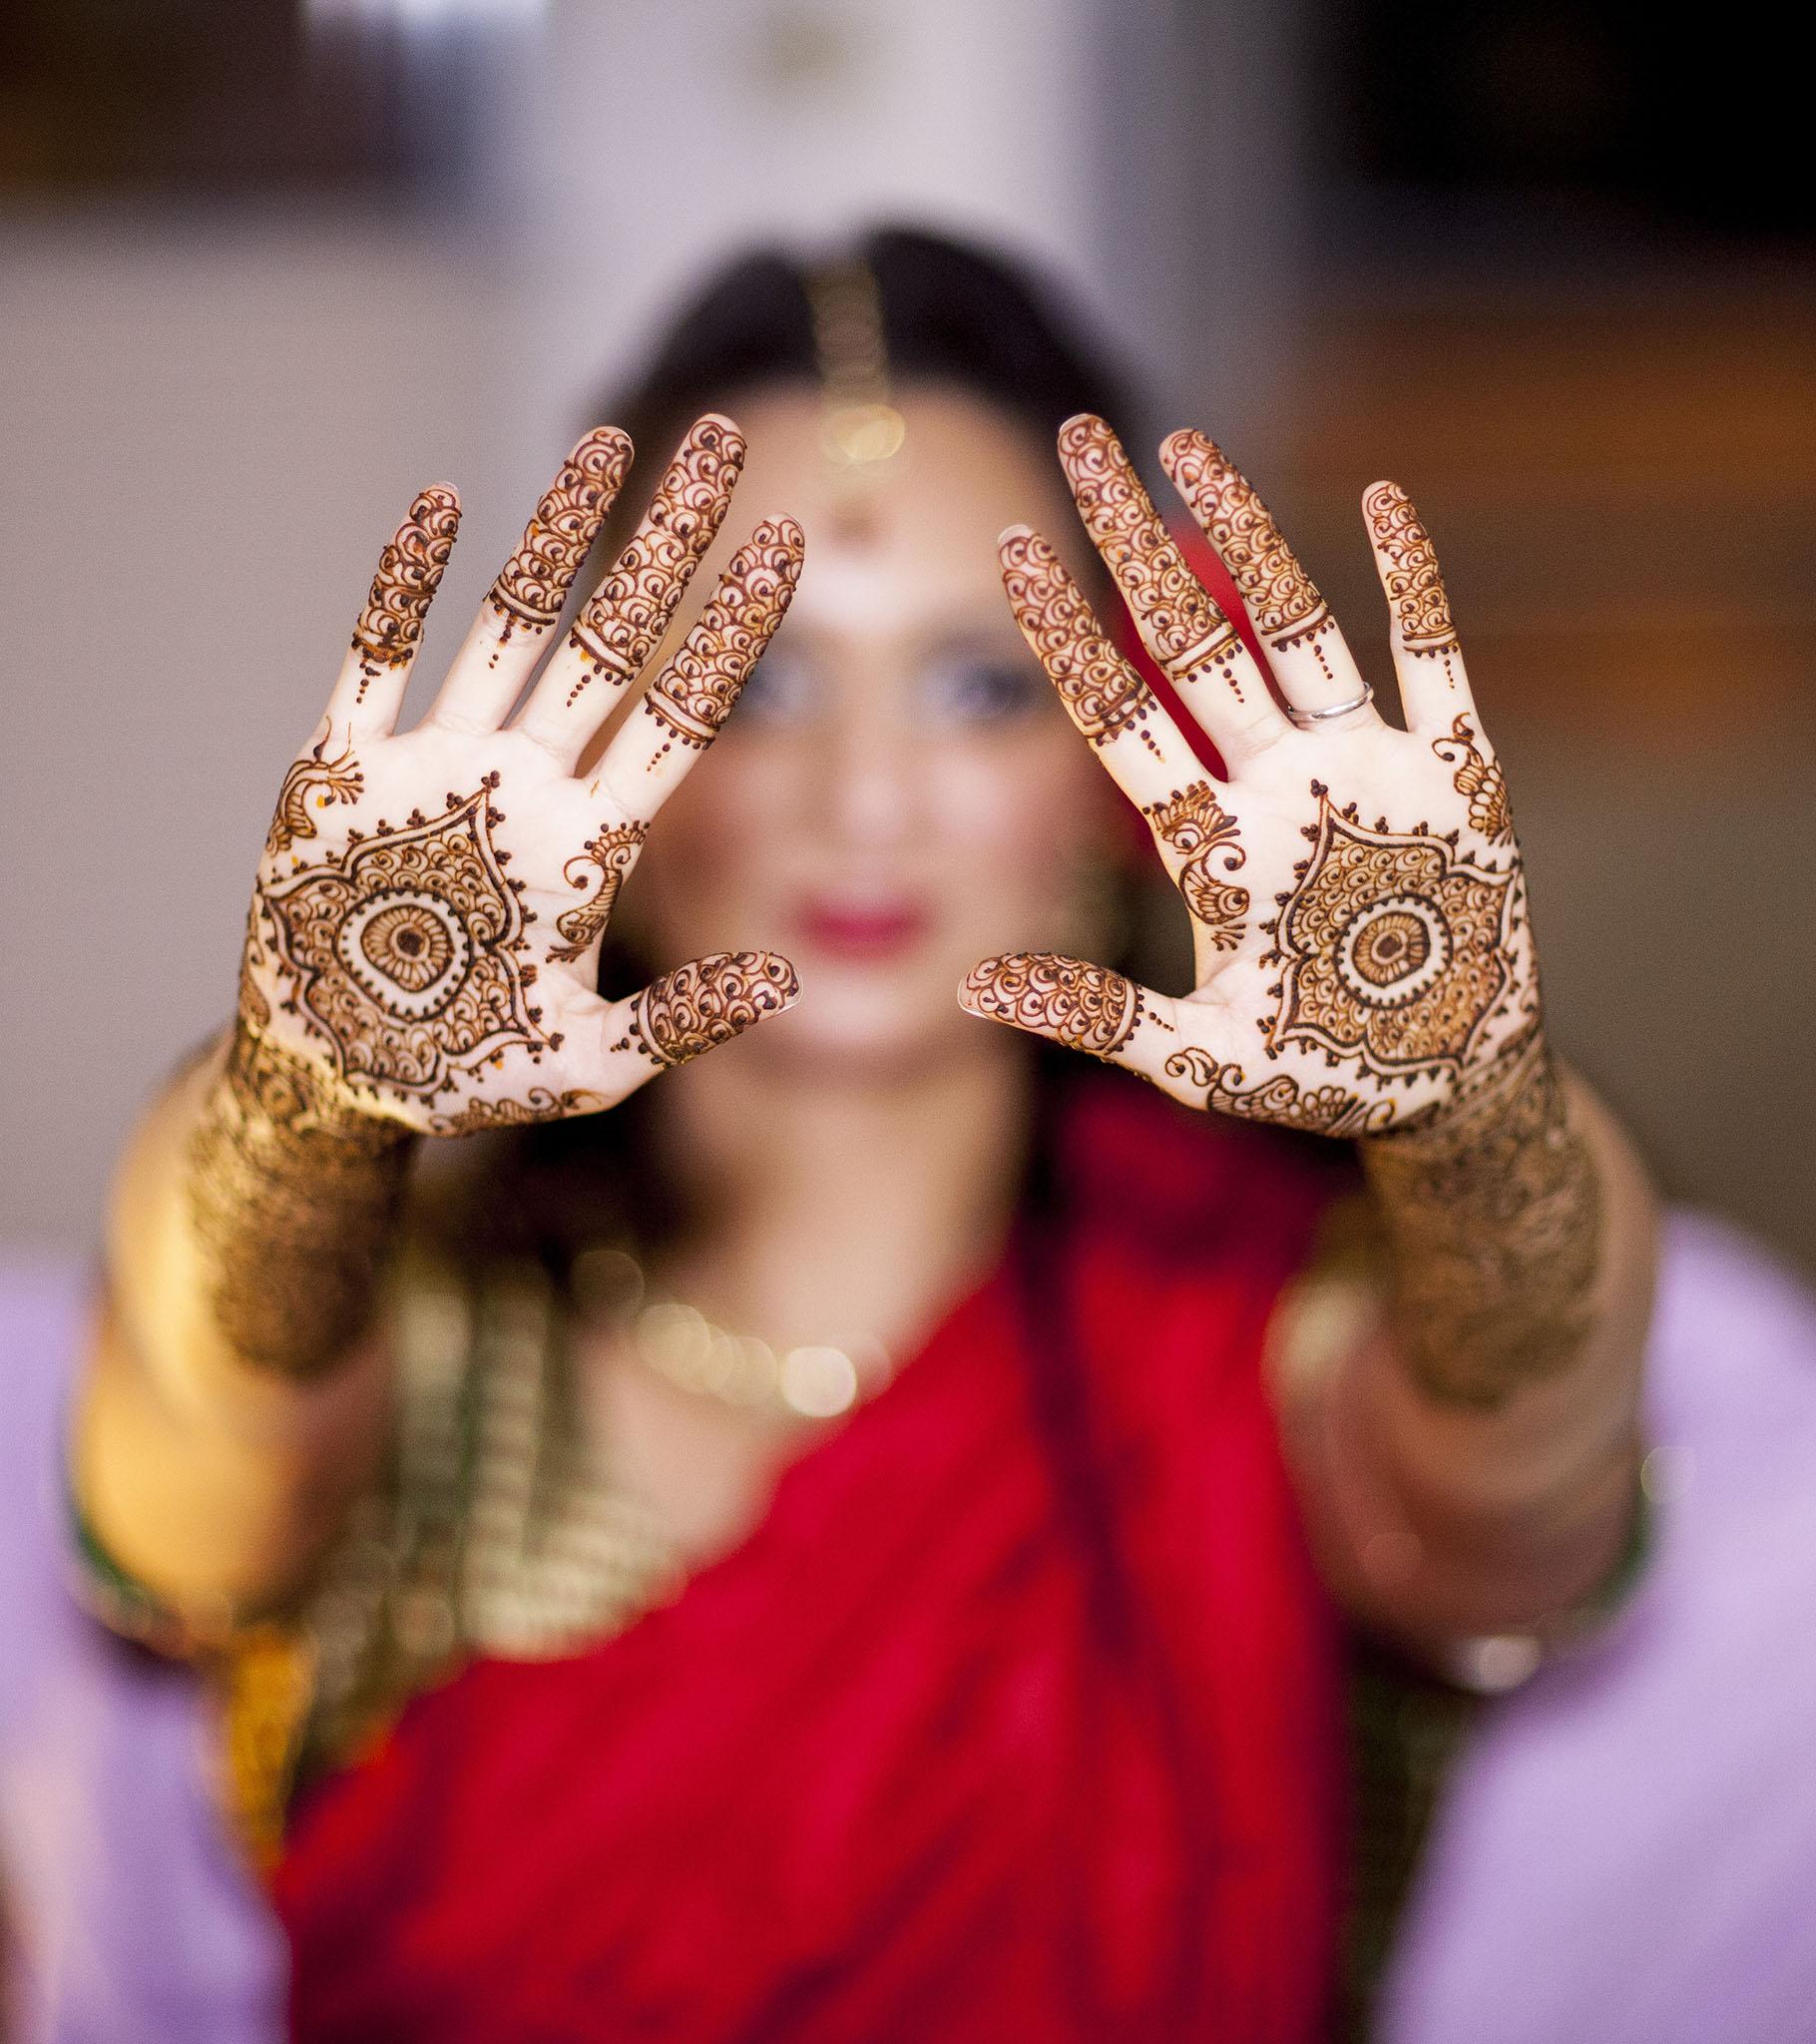 elizabethg_fineart_photography_hertfordshire_indian_wedding_mehndi_kundalata_12.jpg